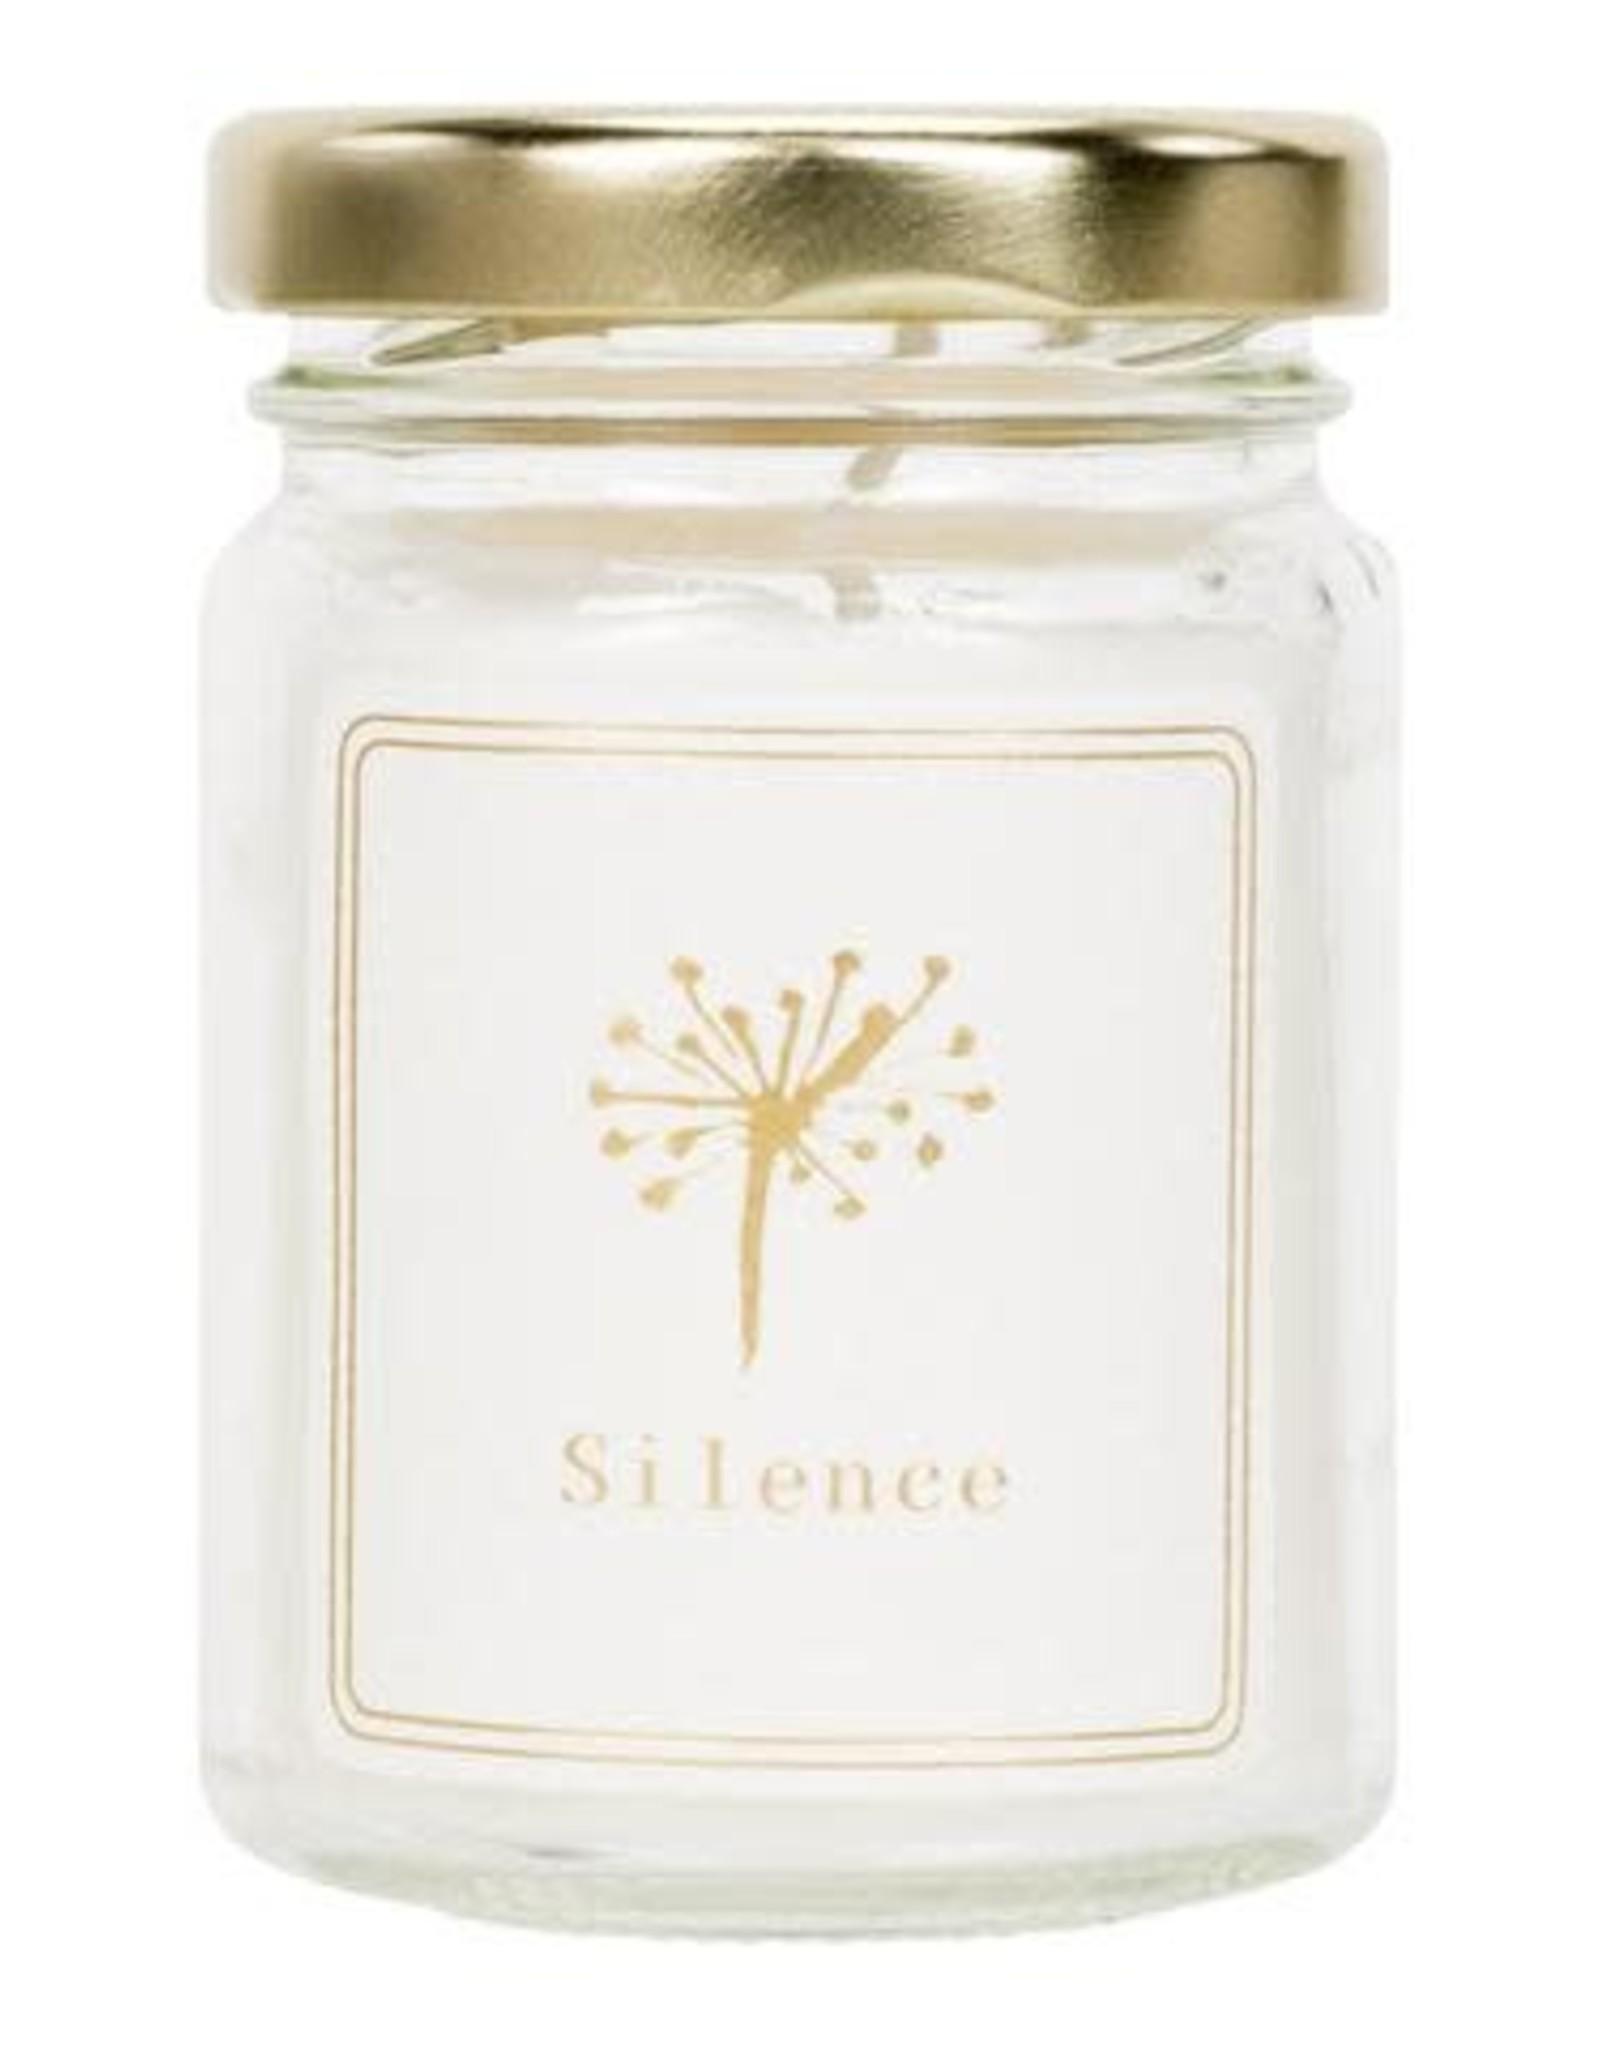 Moments - Mini candle - Silence